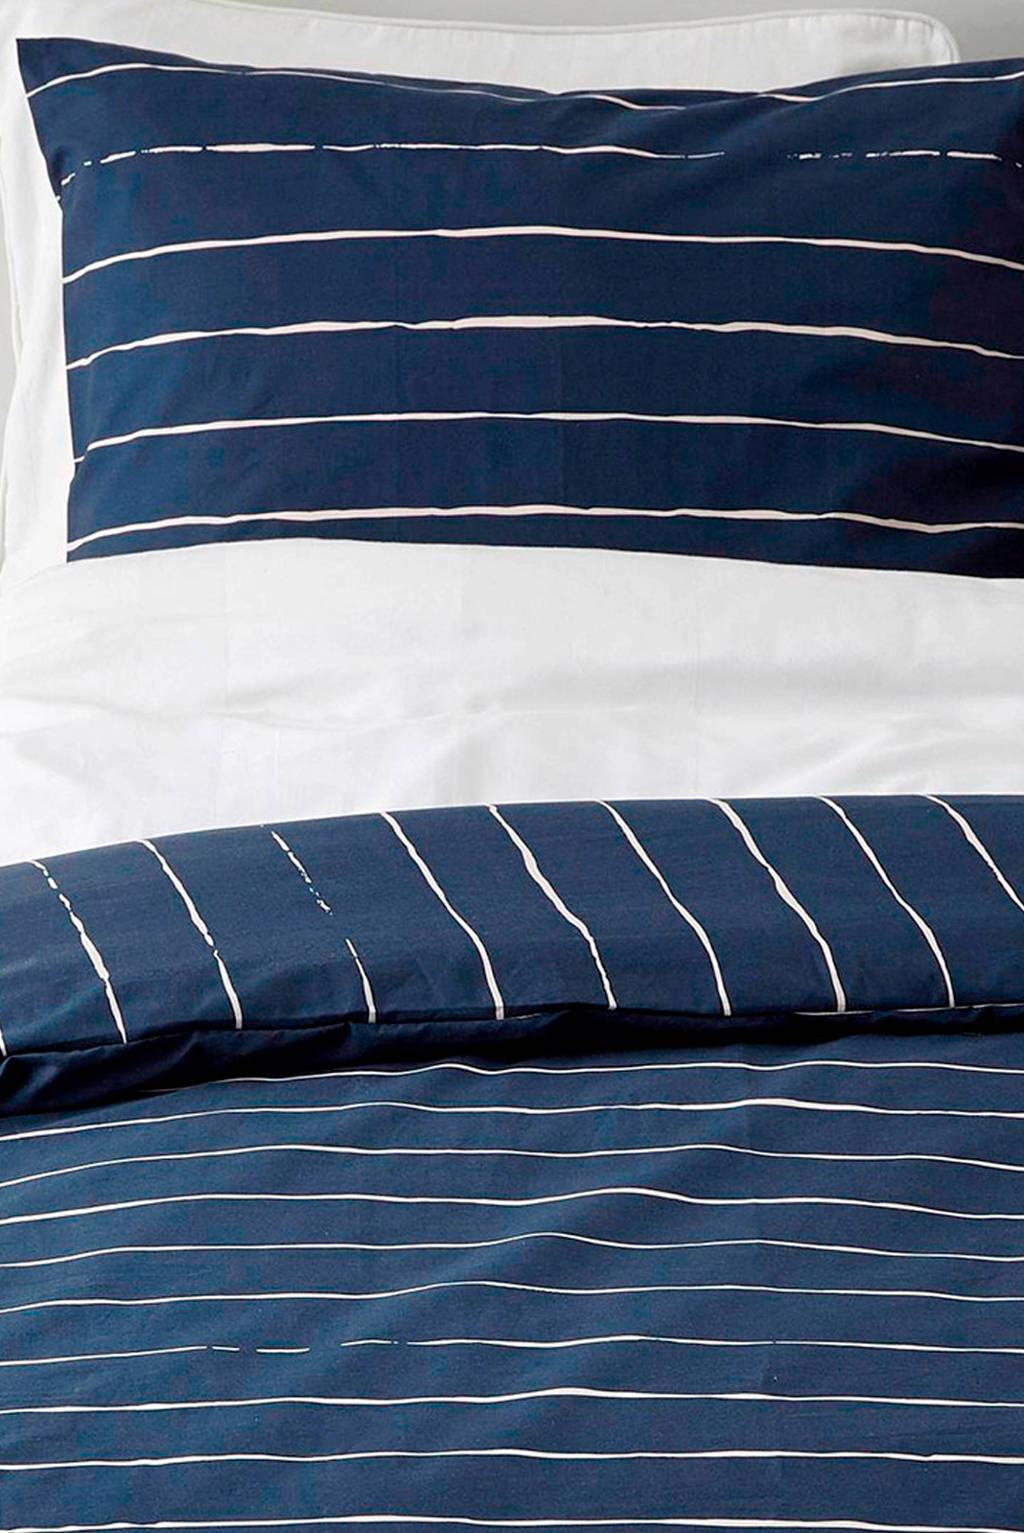 whkmp's own katoenen dekbedovertrek 2 persoons, Donkerblauw/wit, 2 persoons (200 cm breed)